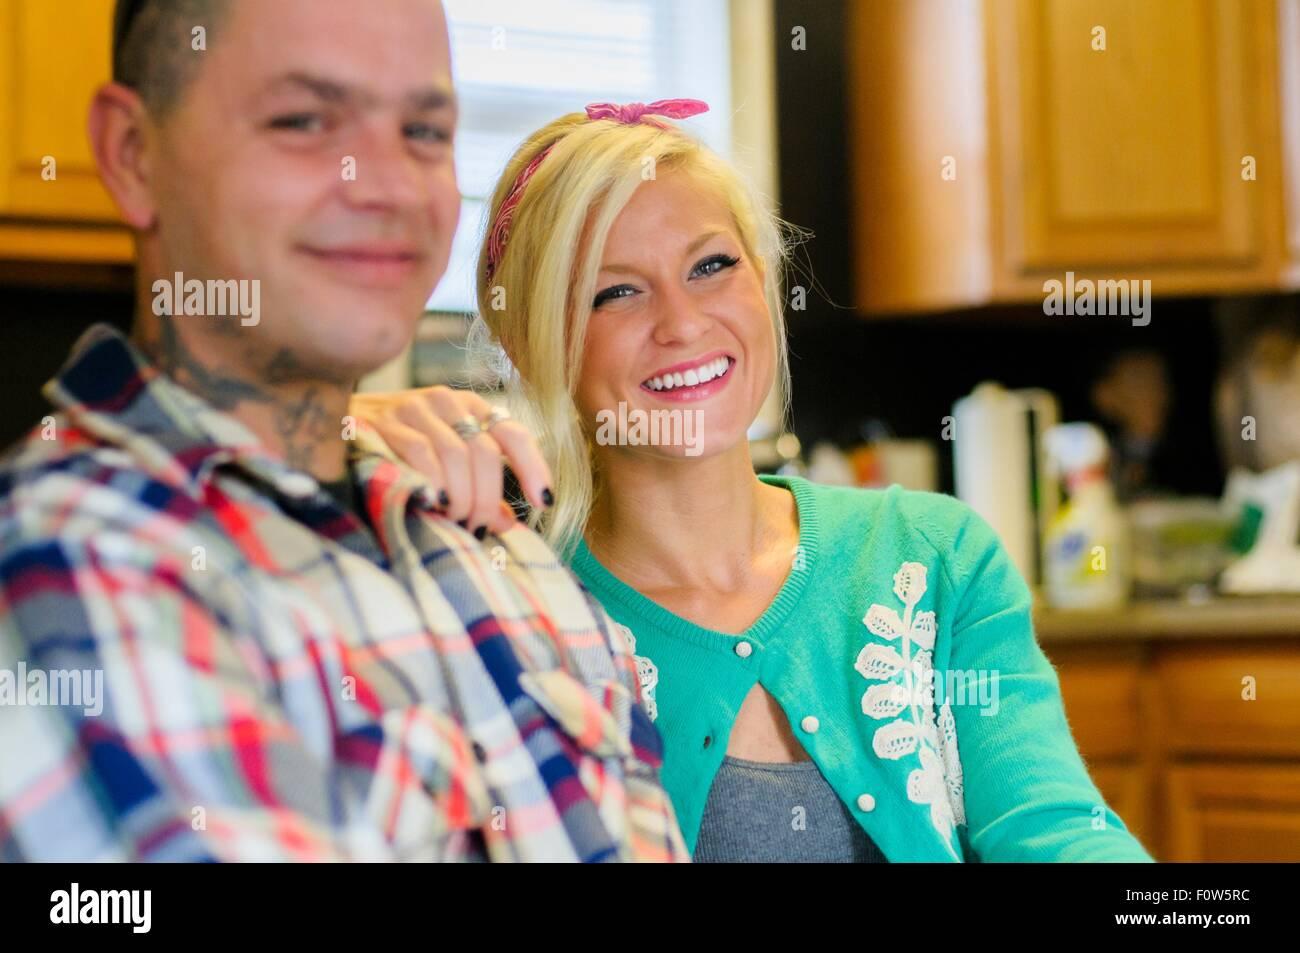 Jeune femme avec la main sur l'épaule de l'homme, smiling Photo Stock